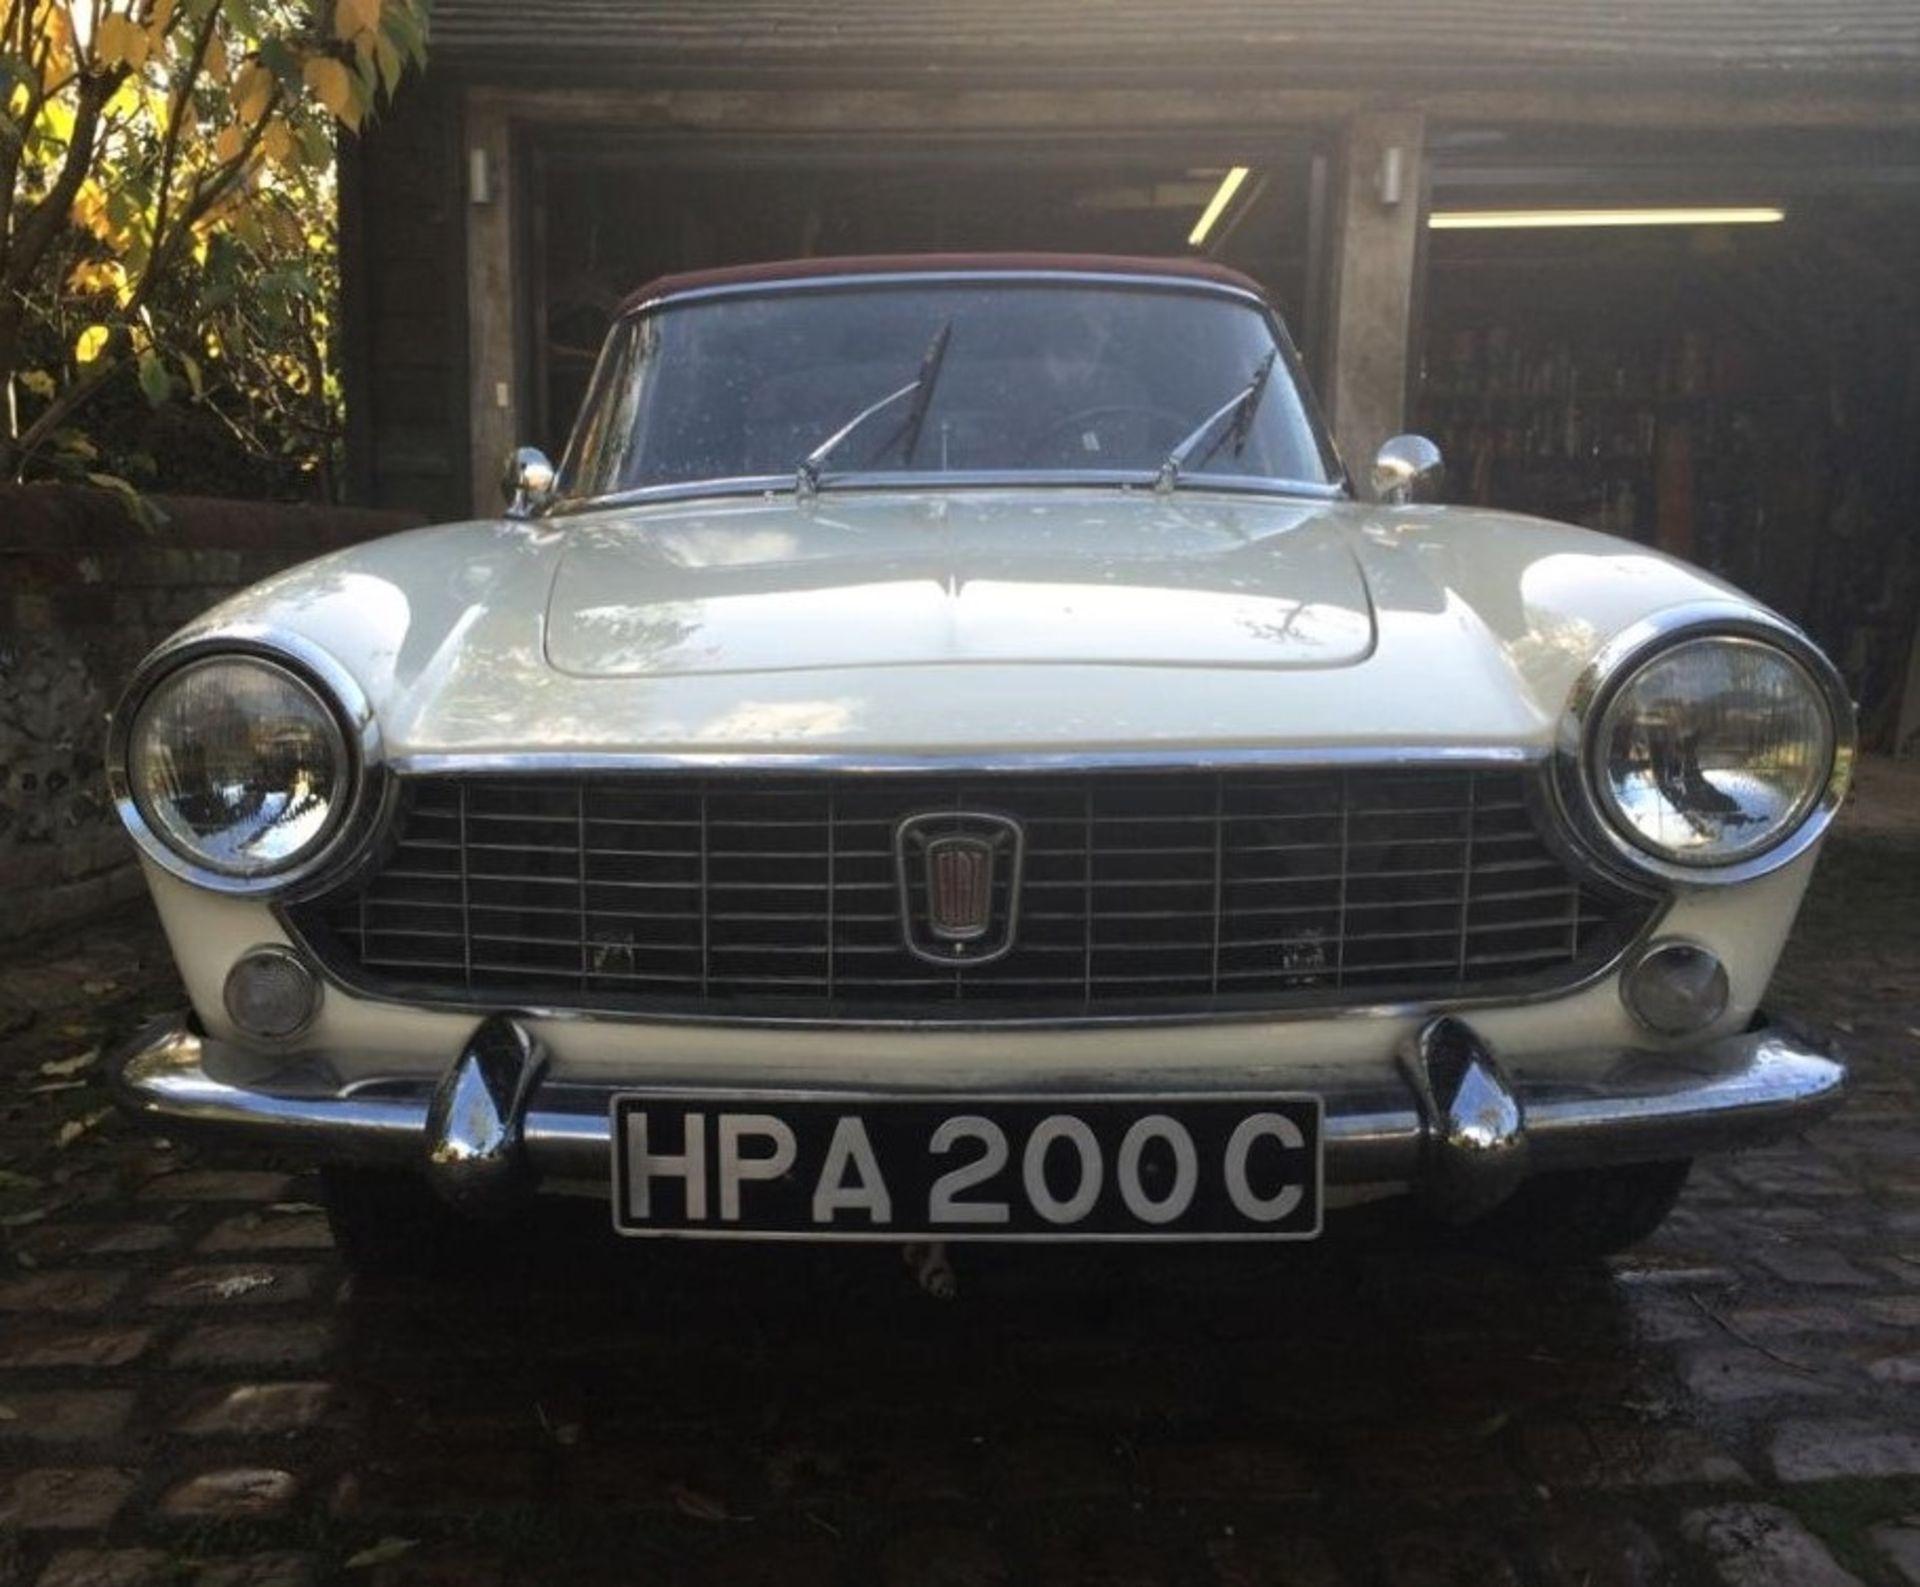 Lot 191 - 1965 Fiat 1500 Cabriolet